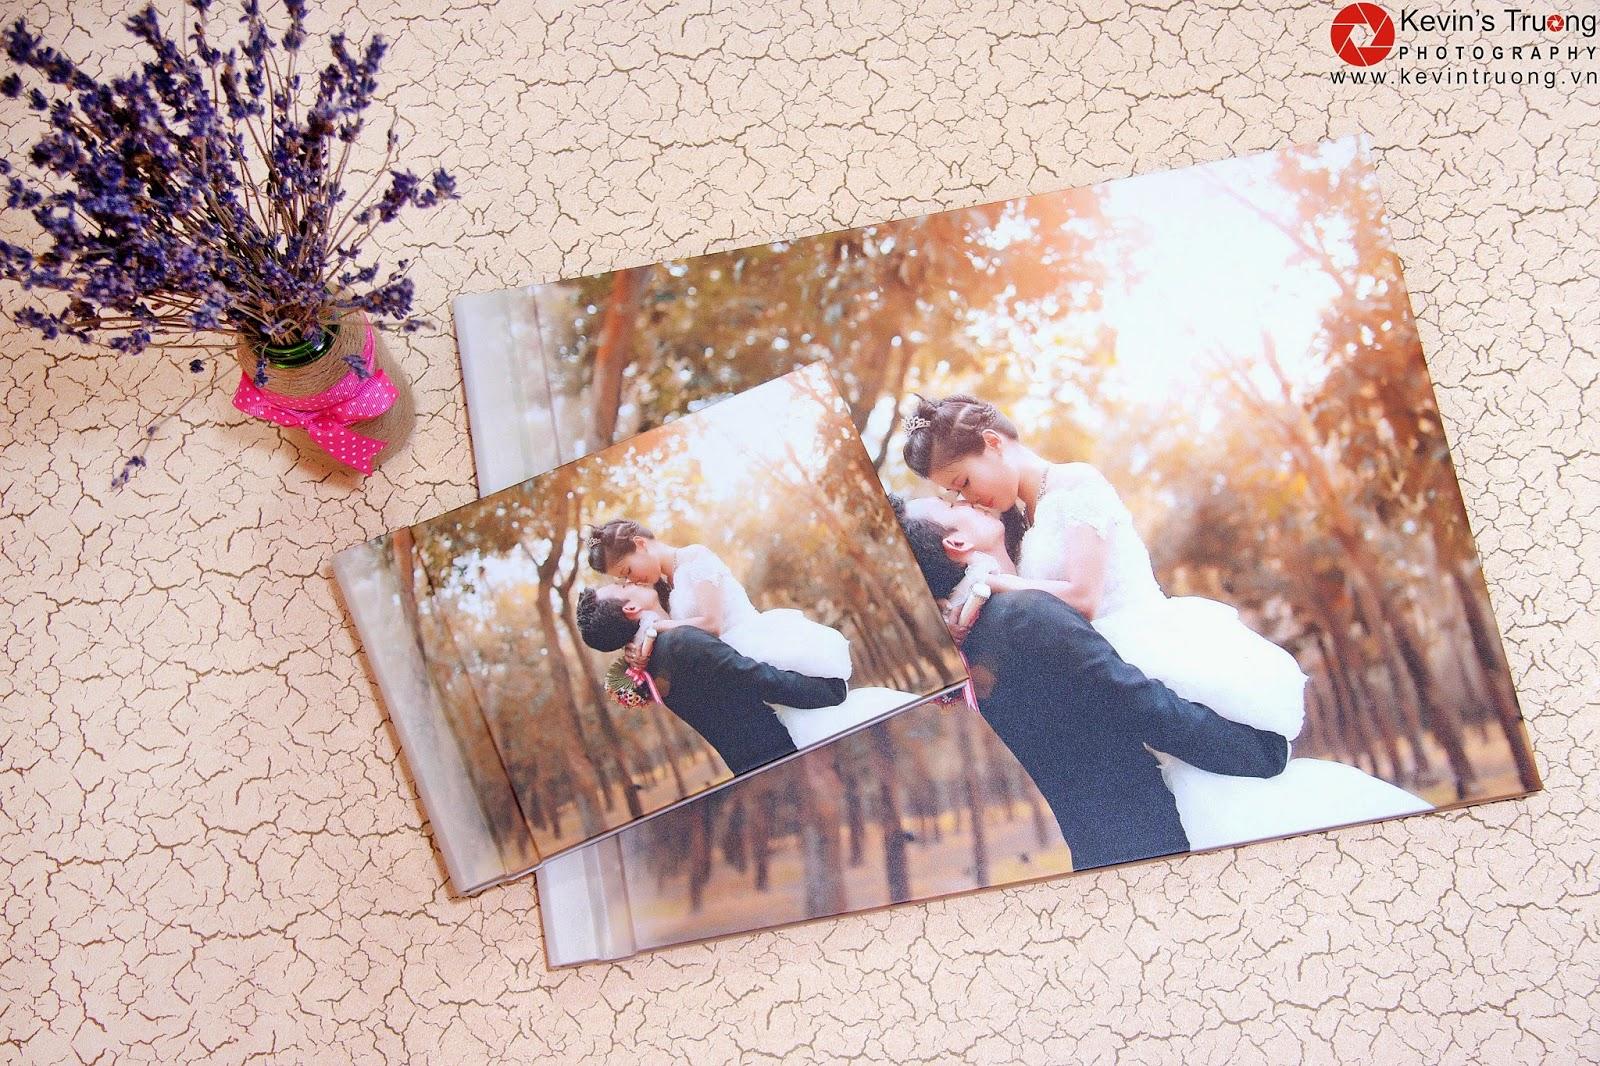 Gia Công-In Album Cát Kim Tuyến-Album 3D,Photobook,Ép gỗ các loại - 24